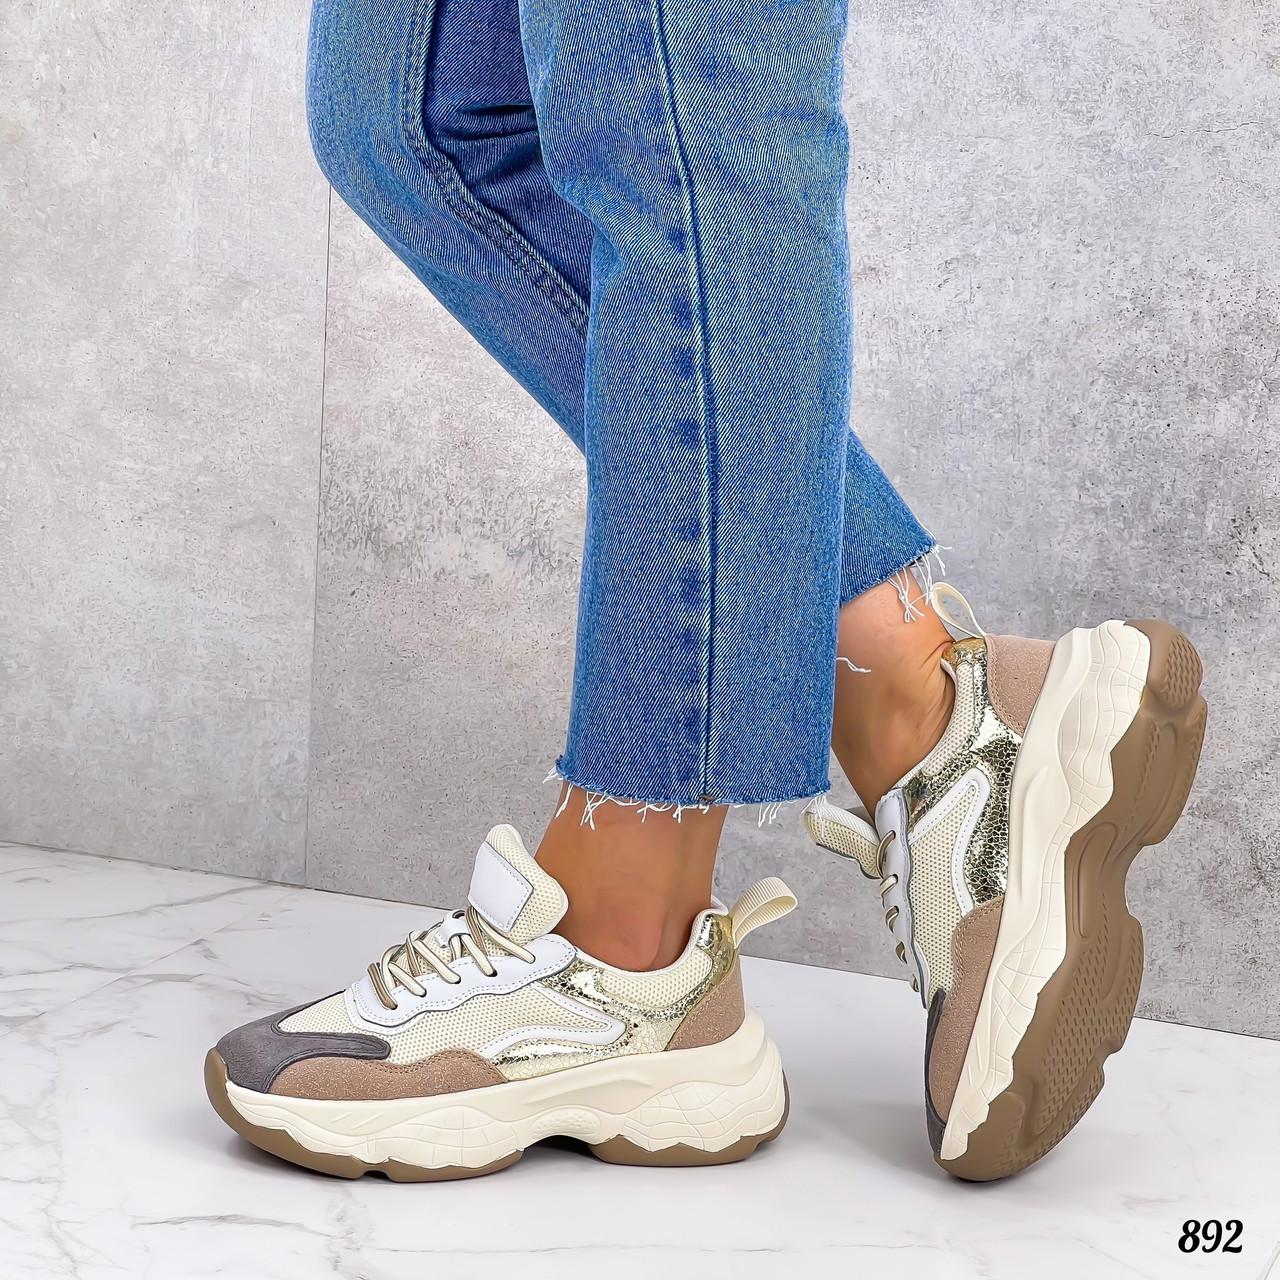 Женские кроссовки из натуральной замши и кожи 36-41 р белый+бежевый